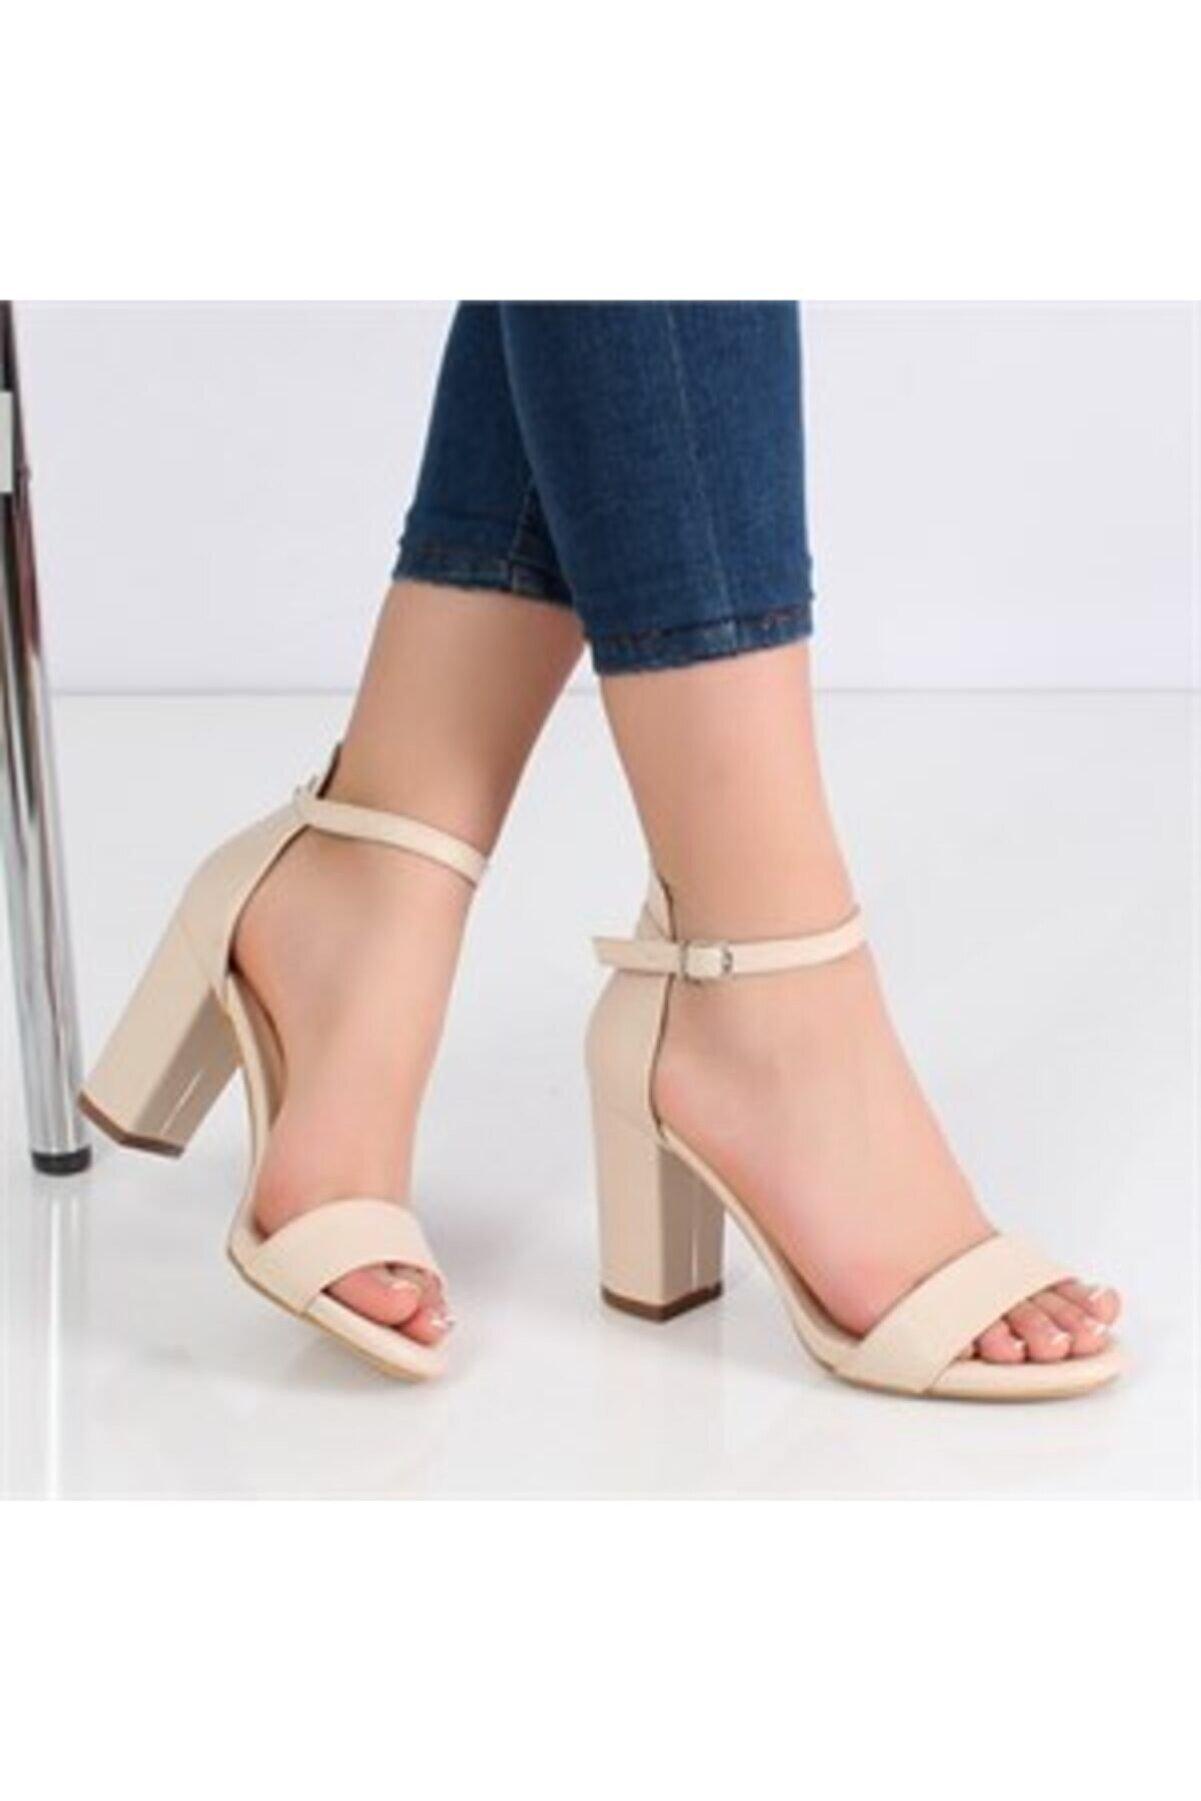 Alptekin Vizon Kadın Klasik Topuklu Ayakkabı